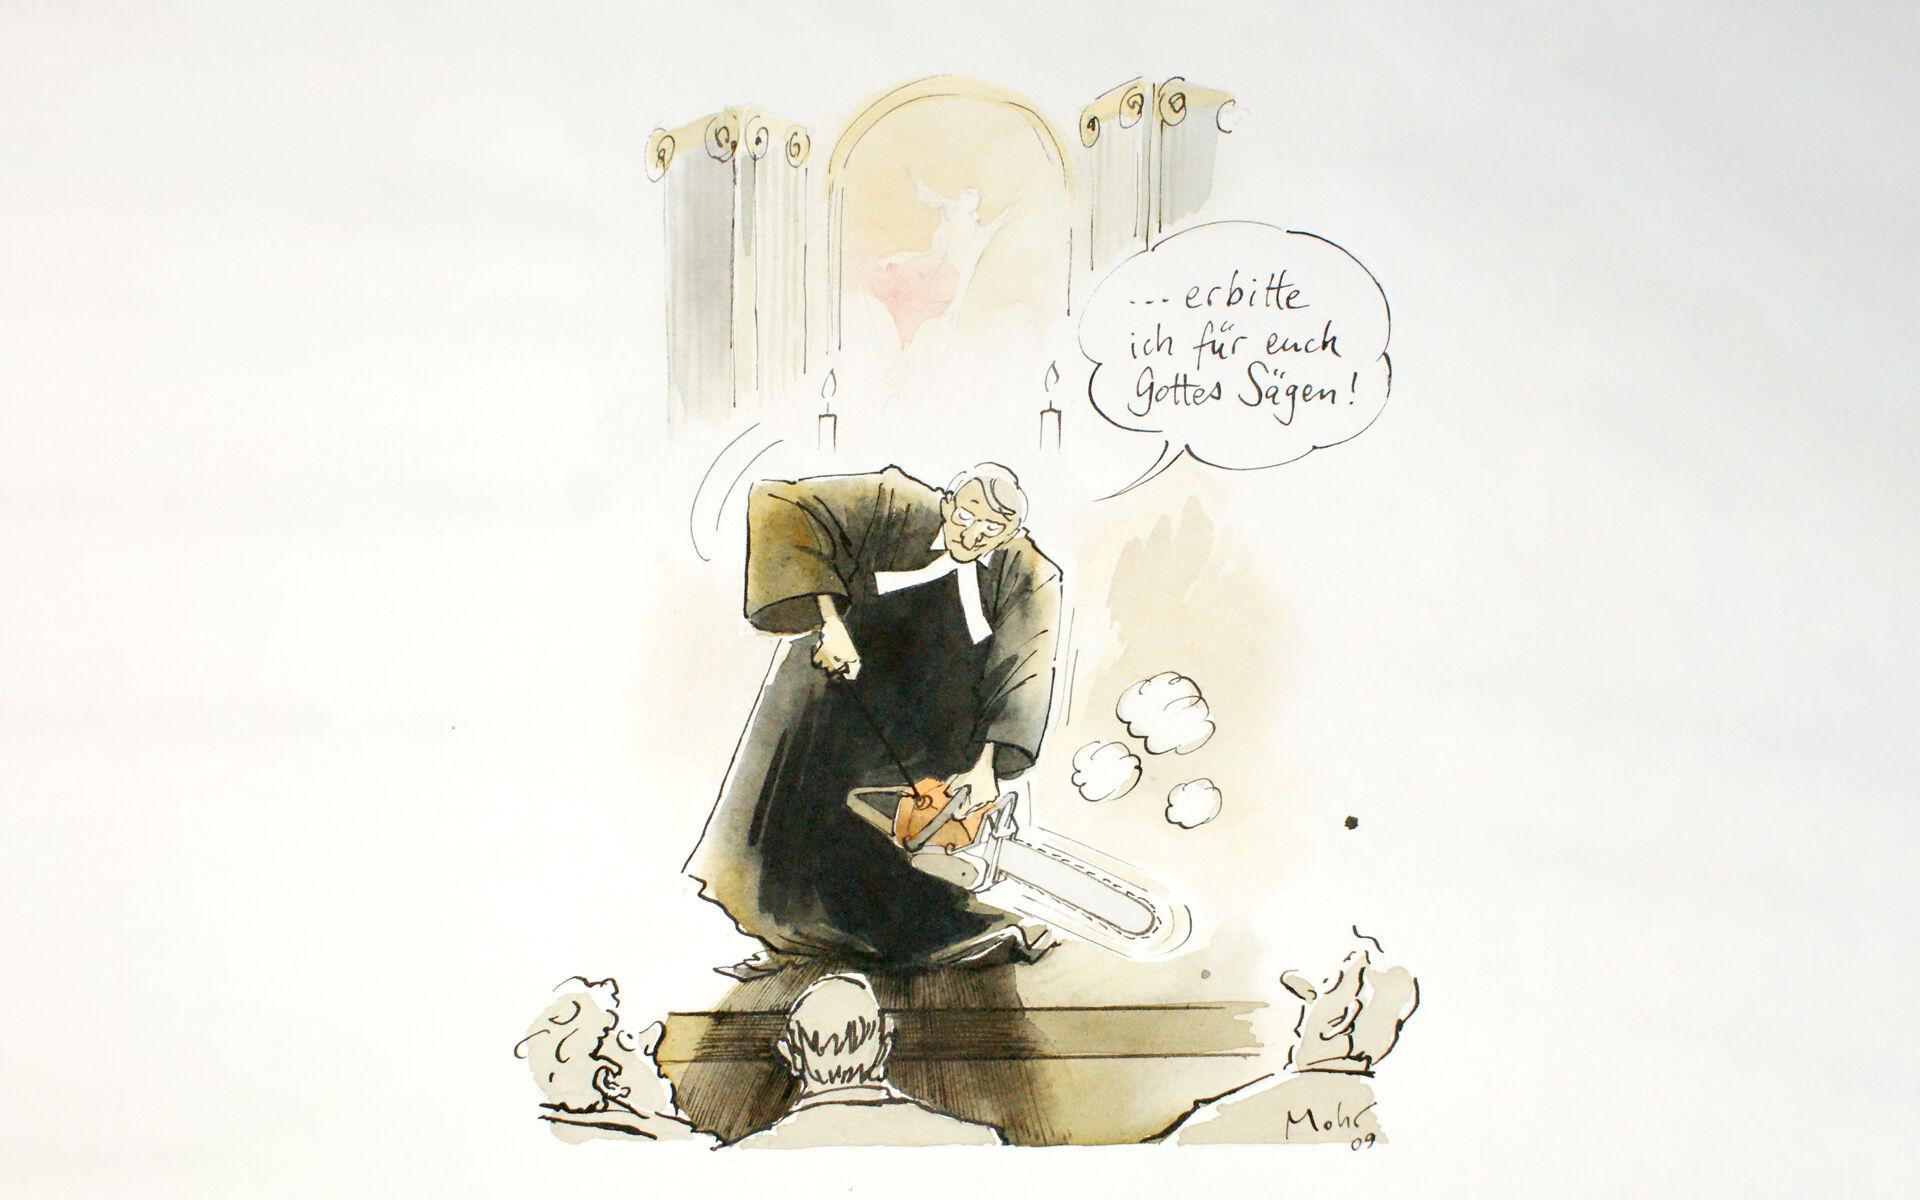 Orgelkonzert in der Nikolaikirche zum Spreewaldatelier 2019, Foto: frameratemedia, Lizenz: LÜBBENAUBRÜCKE